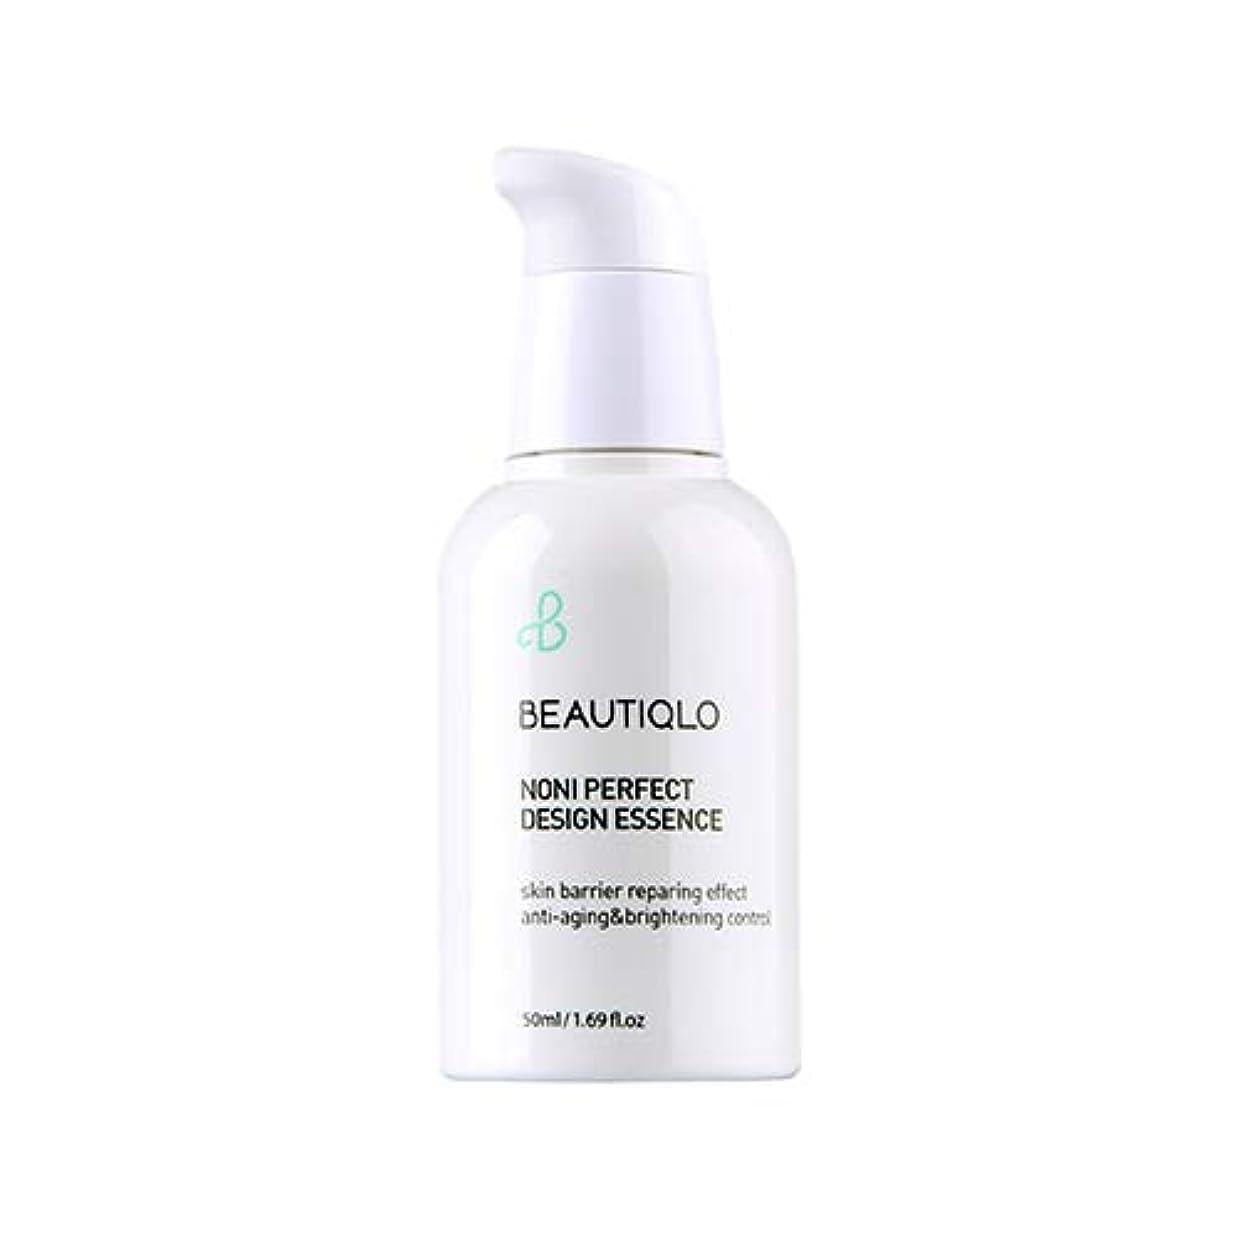 農夫登録のホスト韓国化粧品 BEAUTIQLO NONI PERFECT DESIGN ESSENCE ビューティクロ ノニパーフェクトデザインエッセンス